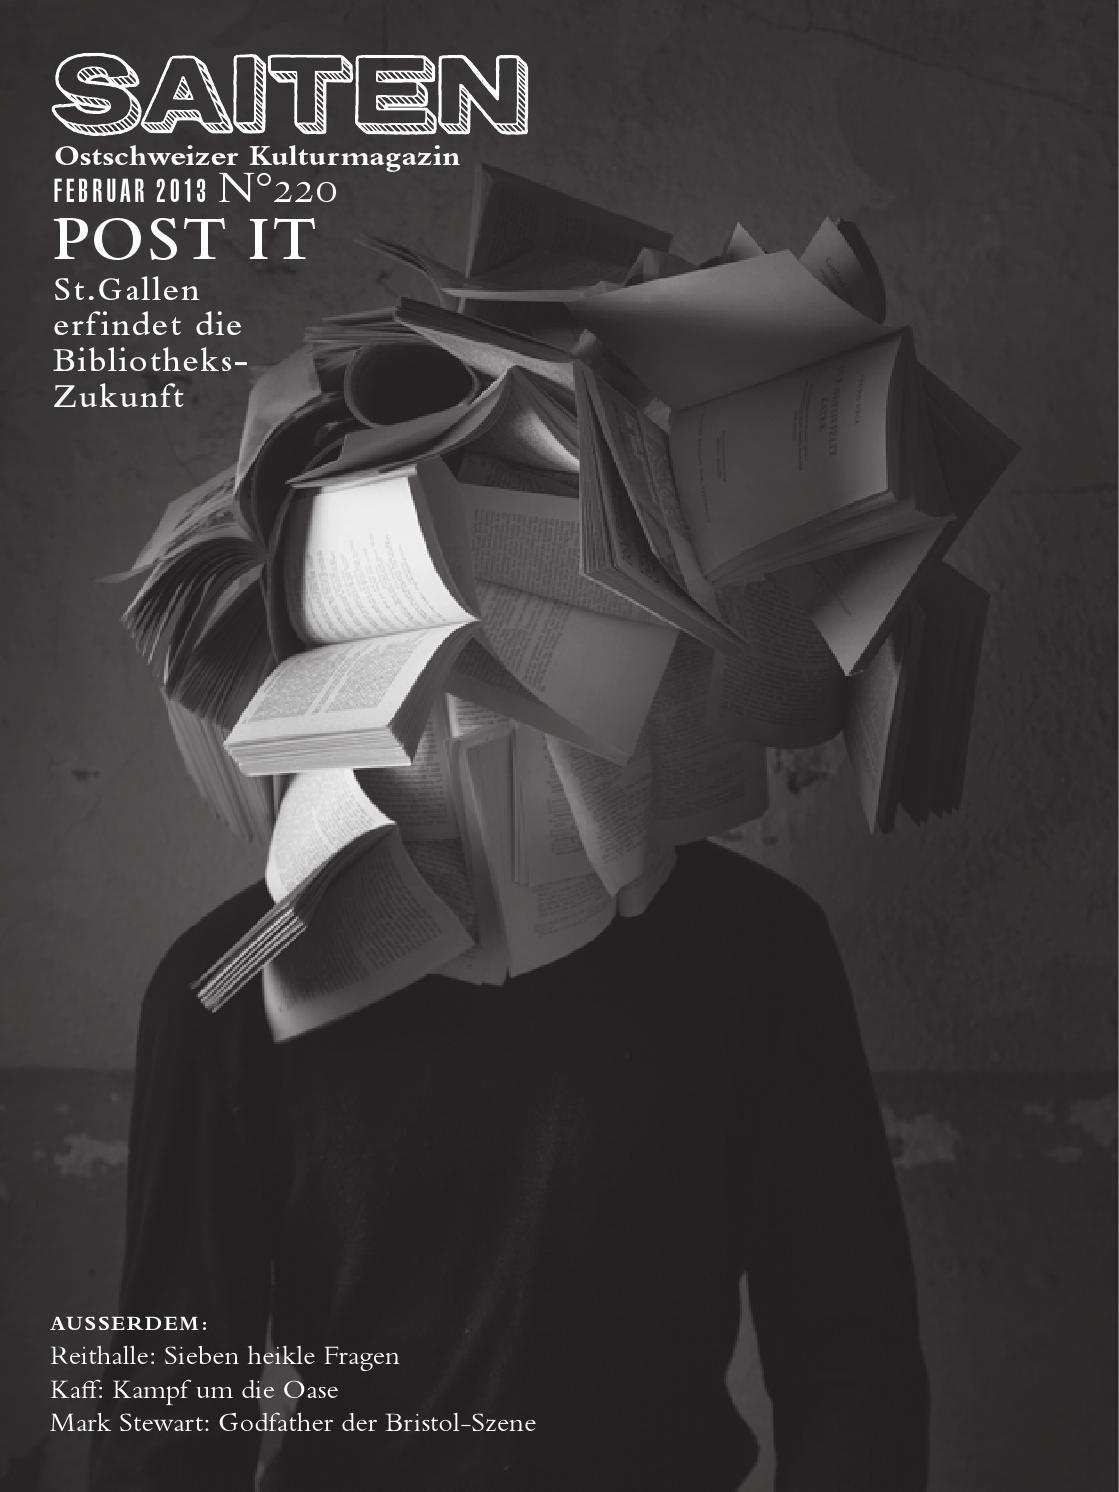 N°220 · Post it by Kulturmagazin Saiten - issuu